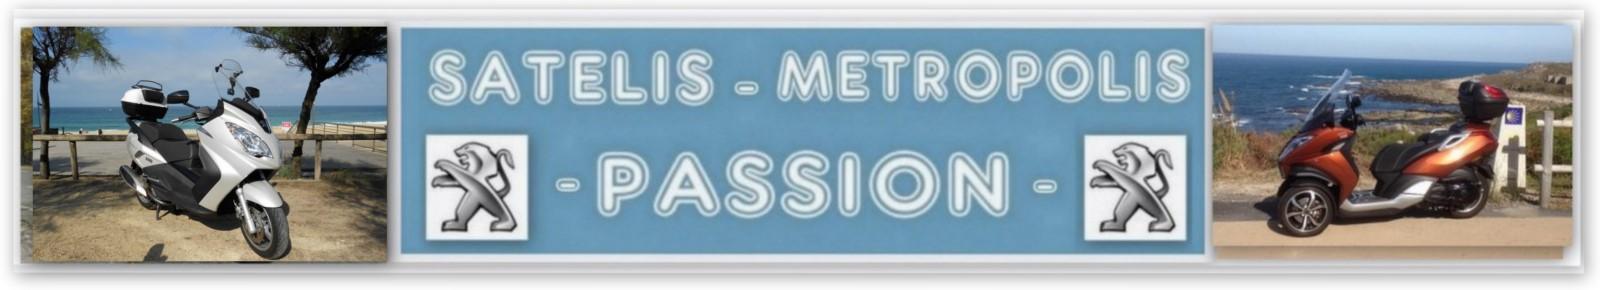 Satélis-metropolis-passion